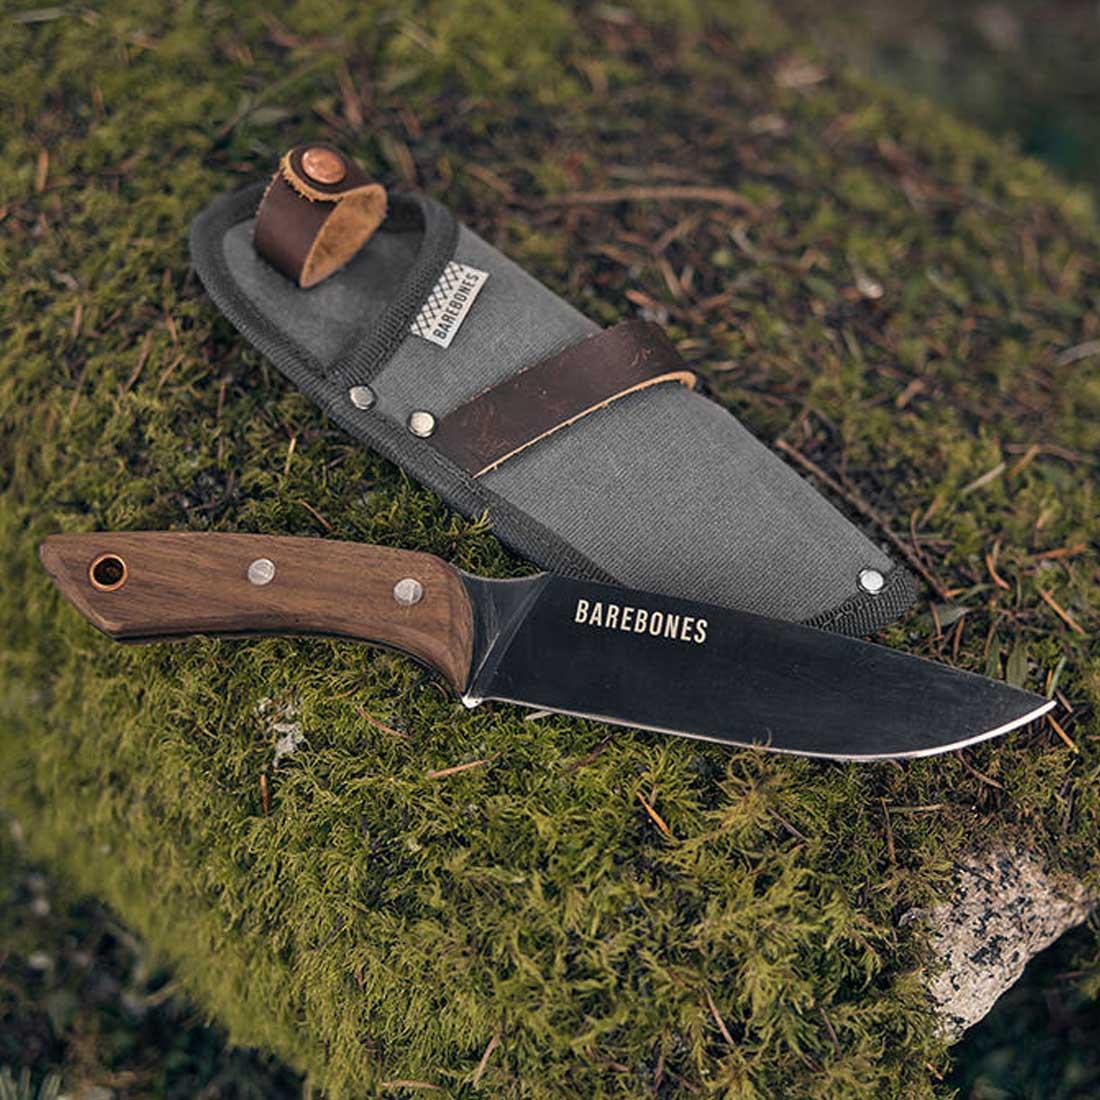 ベアボーンズ リビング ナンバー NO6 フィールドナイフ2.0 クッキングナイフ  国内正規品